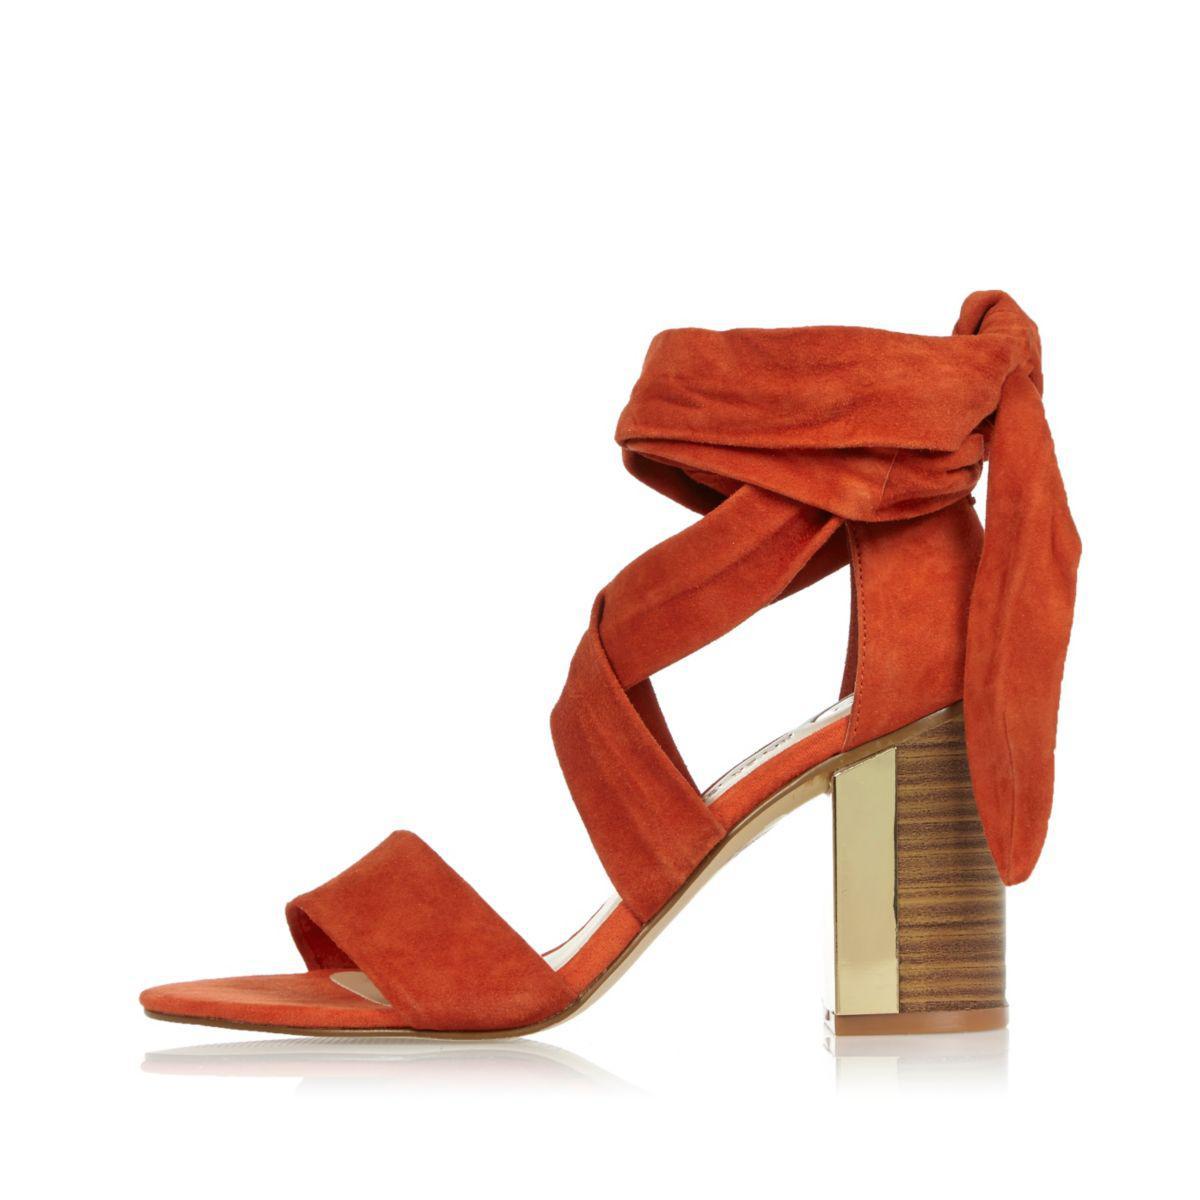 5fe185d5b722 River Island Dark Orange Suede Tie-up Block Heel Sandals in Red - Lyst